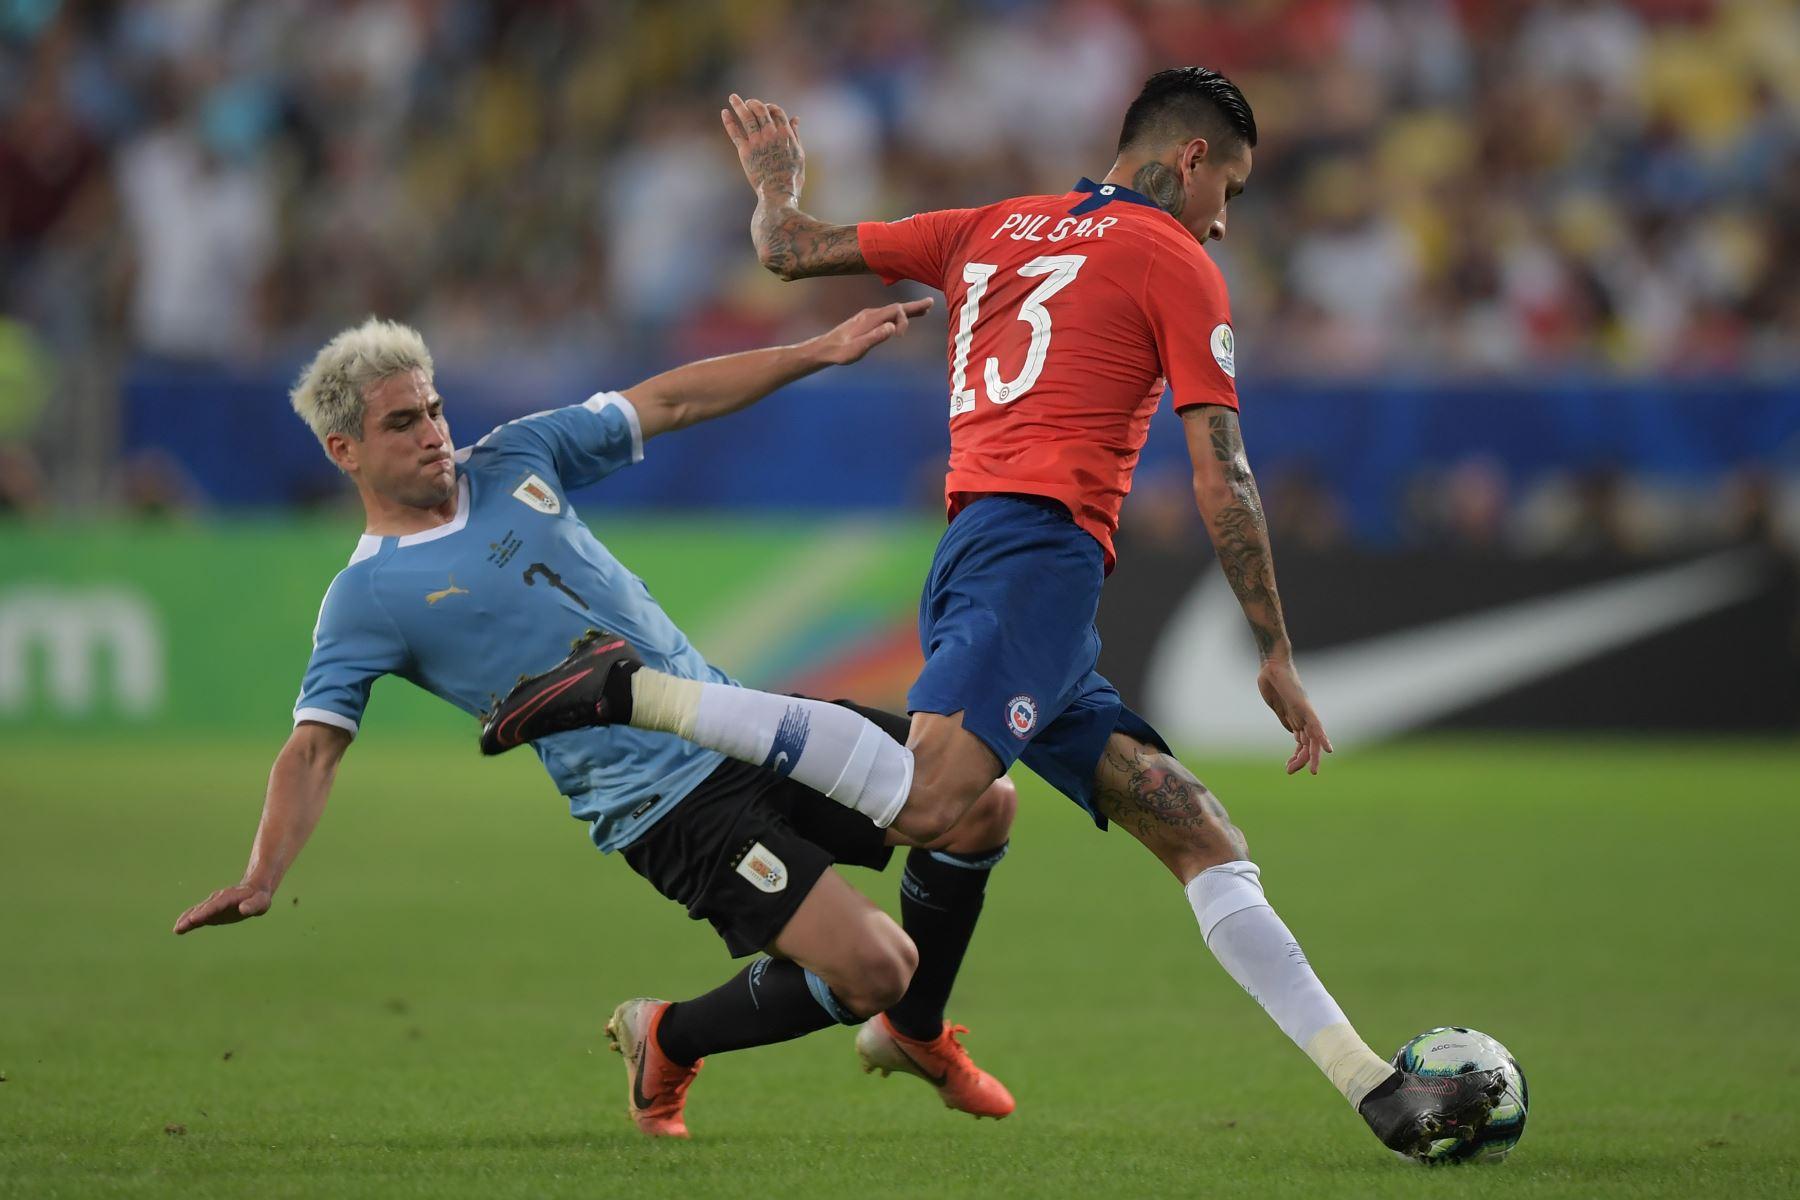 El chileno Erick Pulgar (R) está marcado por el uruguayo Nicolás Lodeiro durante el partido de torneo de fútbol de la Copa América en el estadio Maracana en Río de Janeiro, Brasil.Foto:AFP